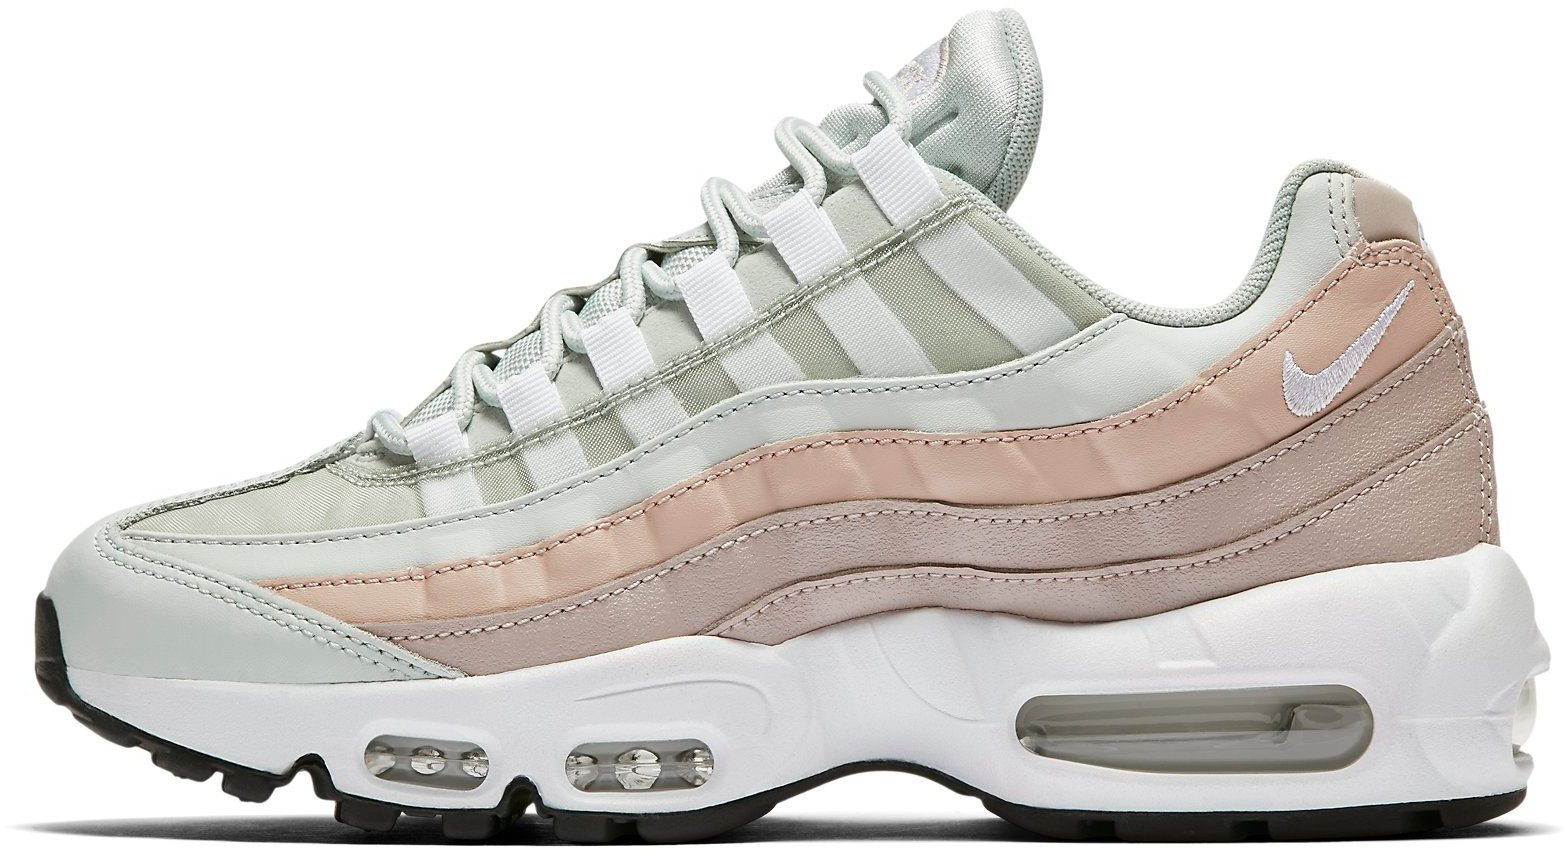 tout neuf 699a8 3786b Zapatillas Nike WMNS AIR MAX 95 307960-018 Talla 40,5 EU | 6,5 UK | 9 US |  26 CM